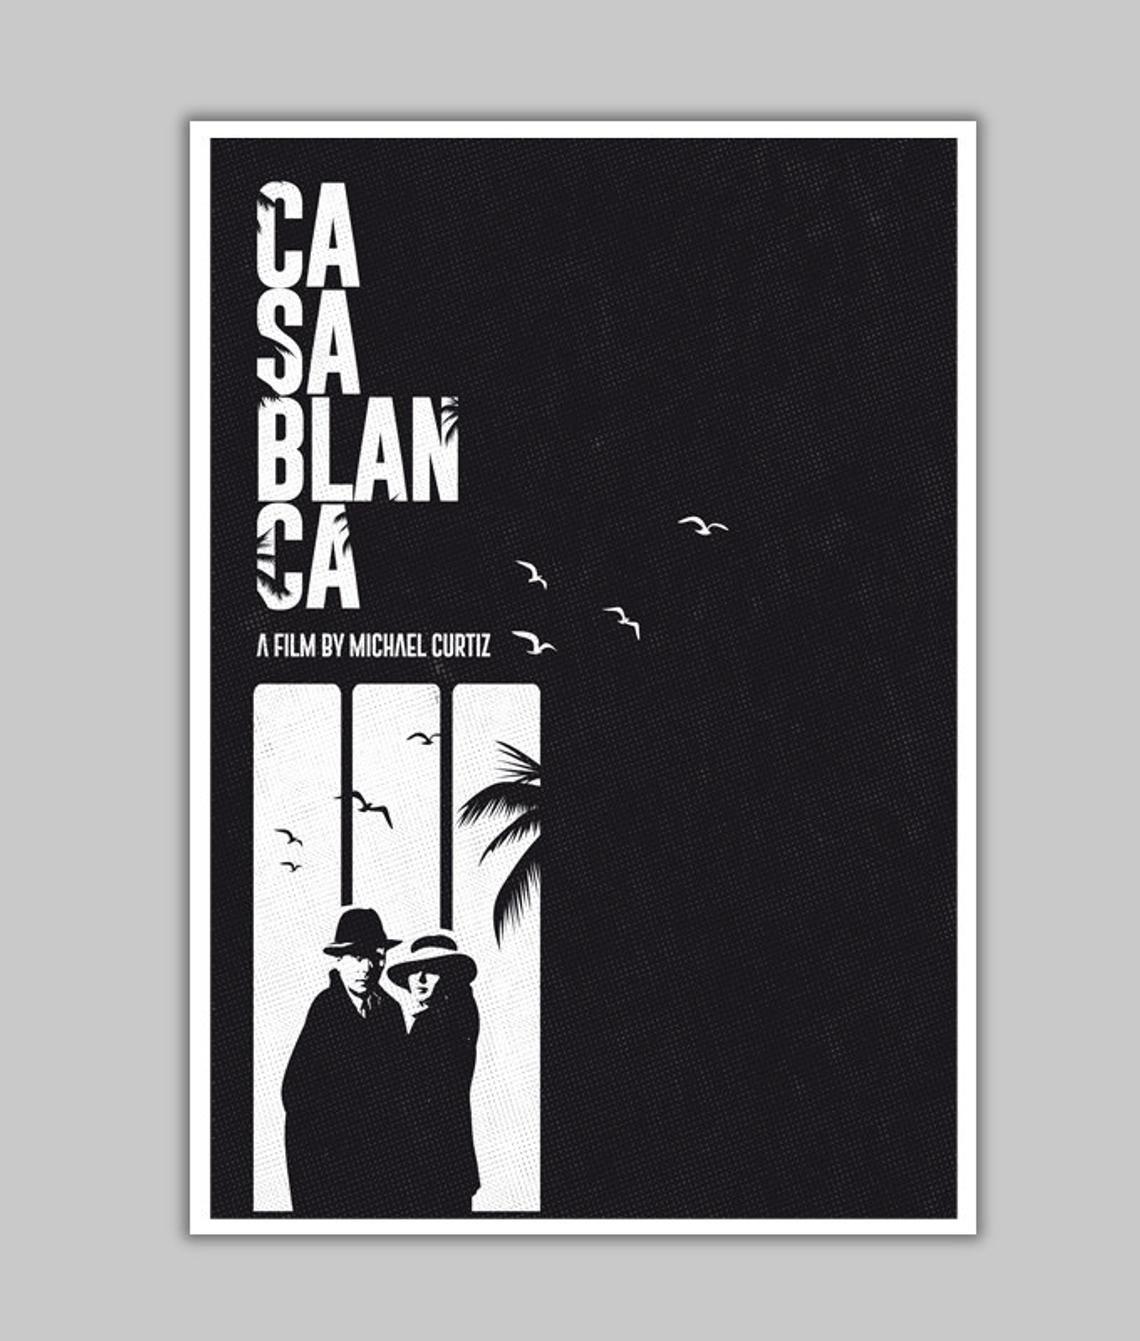 Alternative Casablanca Quote Movie Minimalist Classic Film